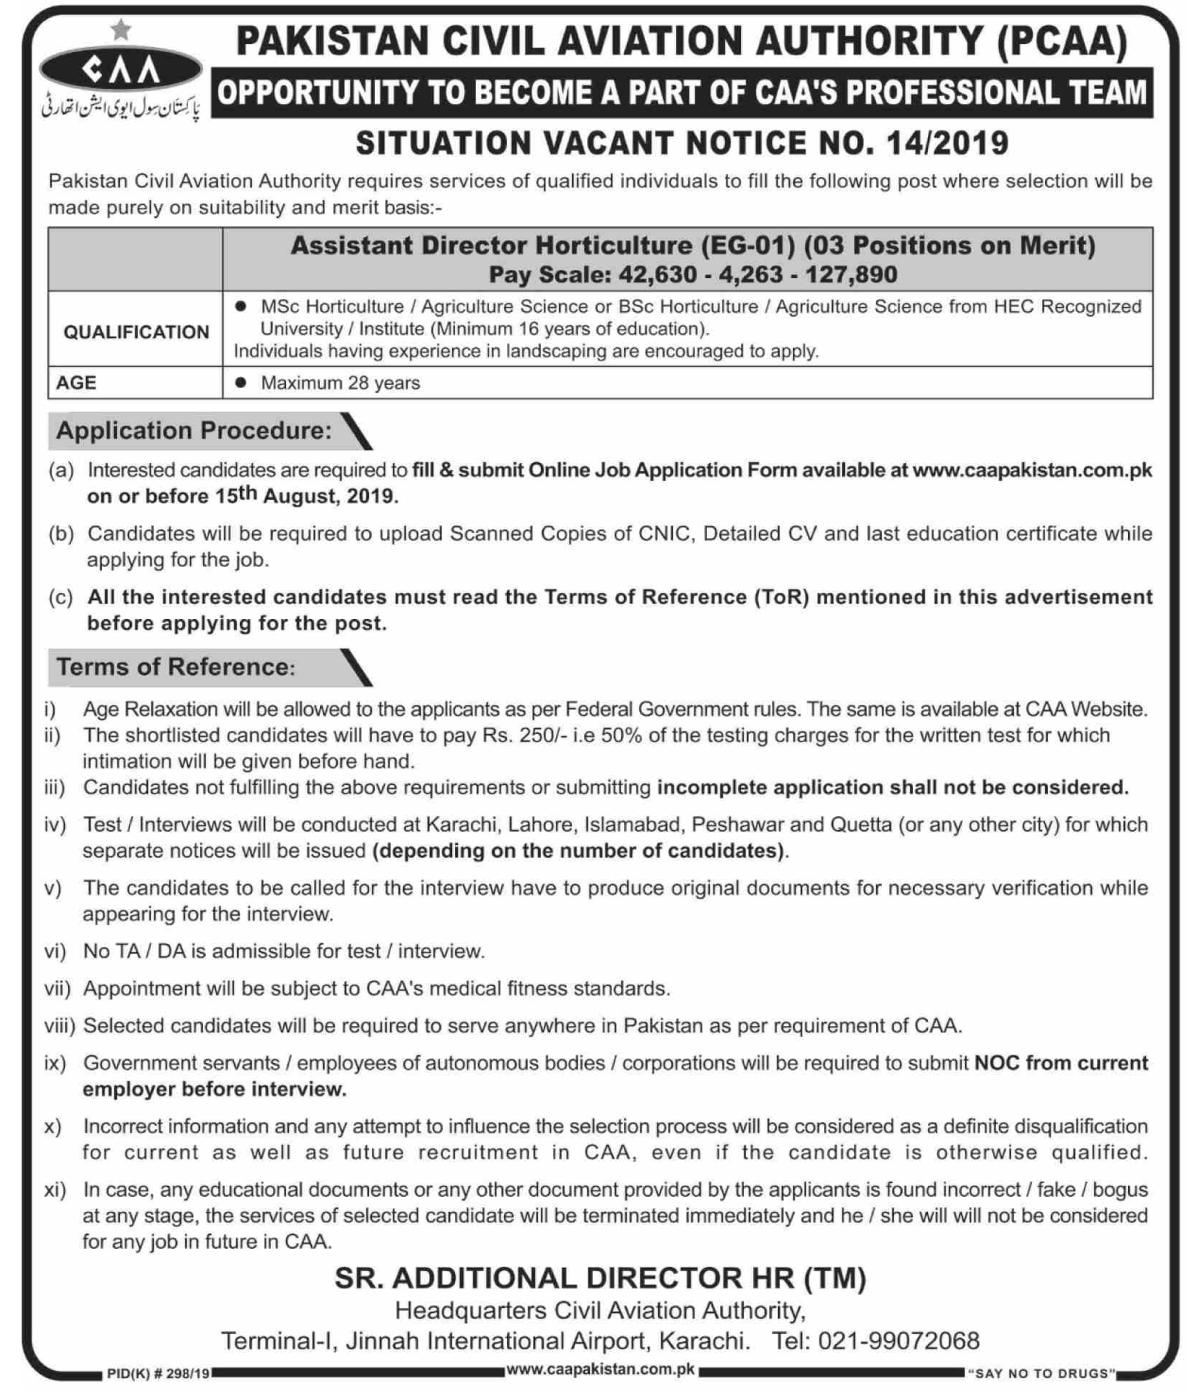 Pakistan Civil Aviation Authority PCAA Jobs 2019 Latest